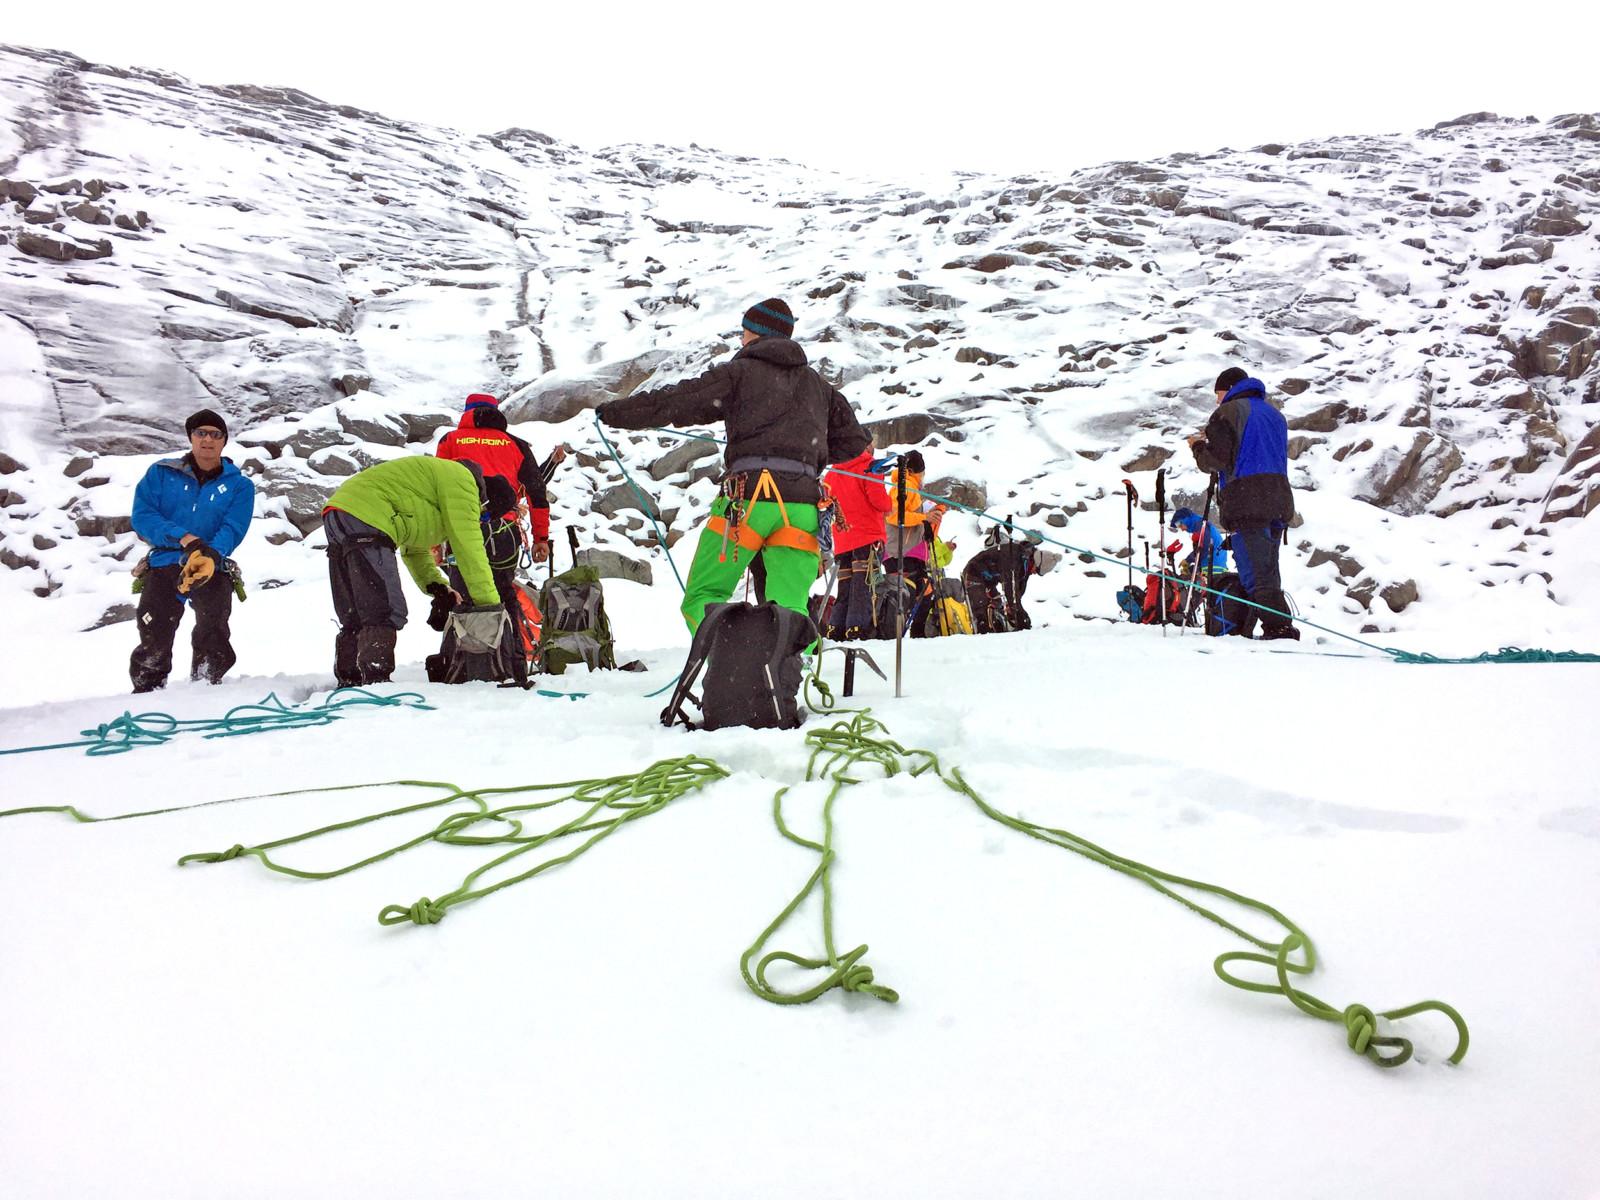 Seilschaften zum Schutz gegen die Gletscherspalten werden gebildet.